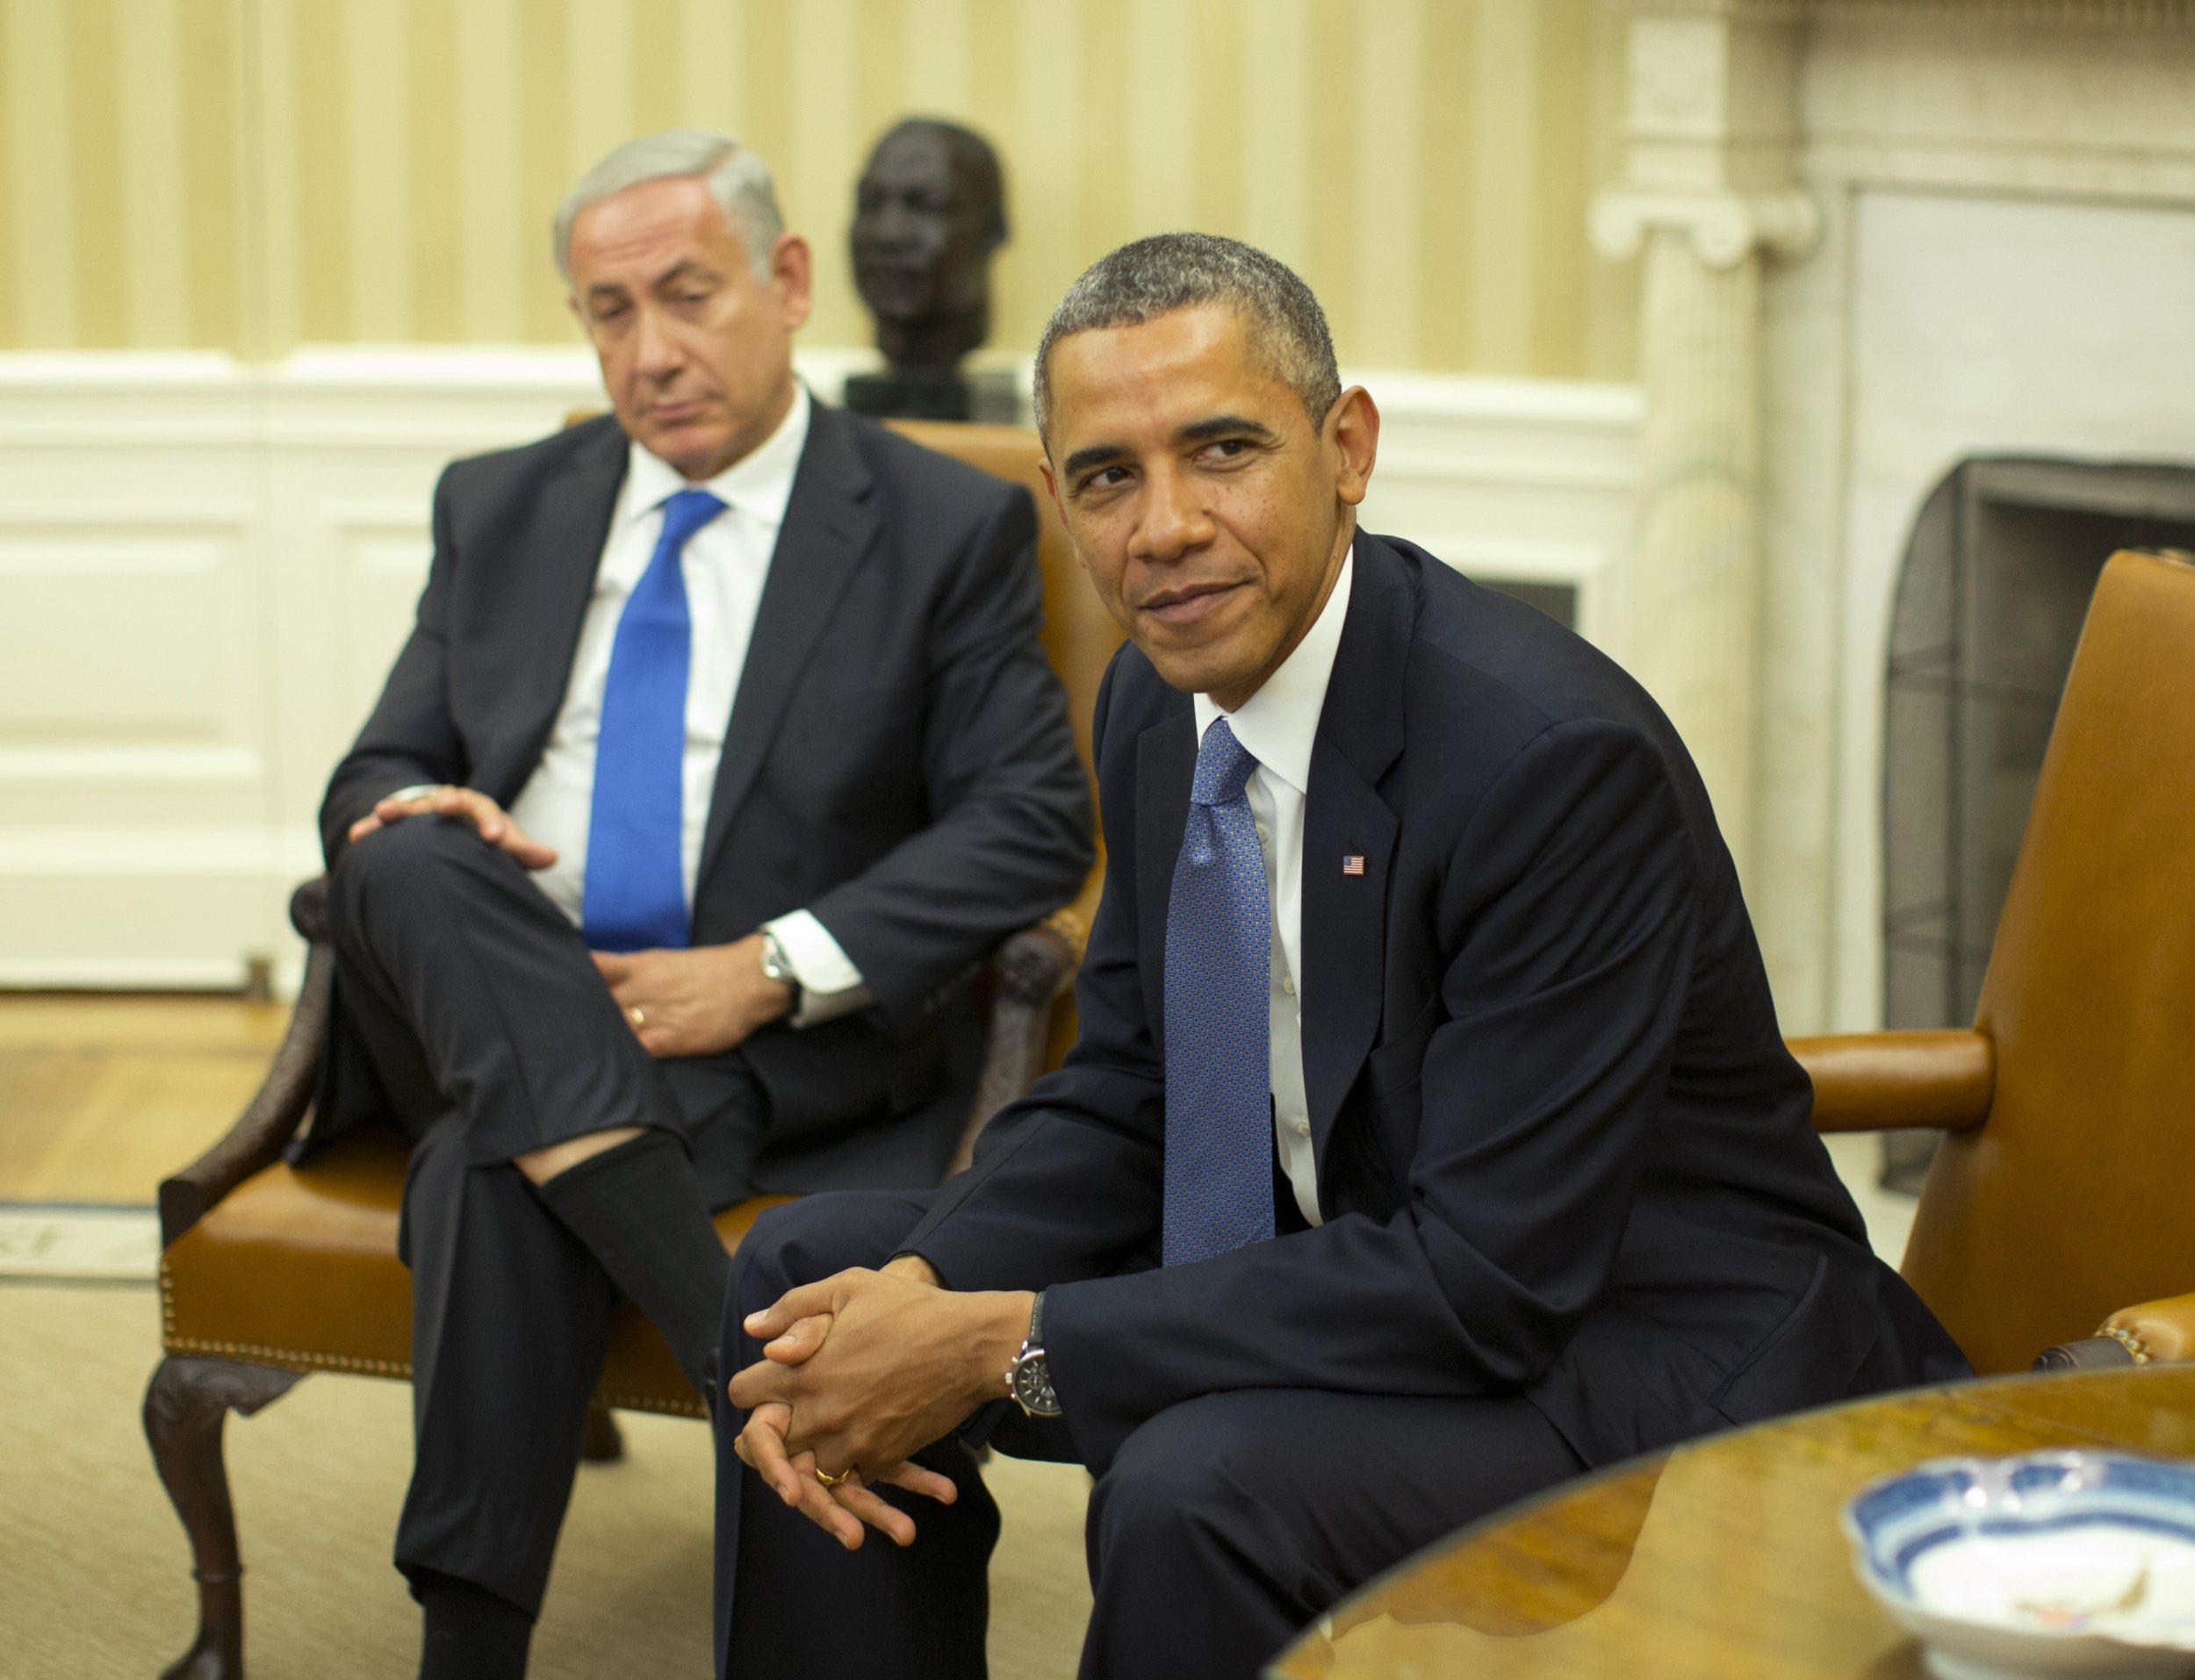 11_09_Netanyahu_Obama_01